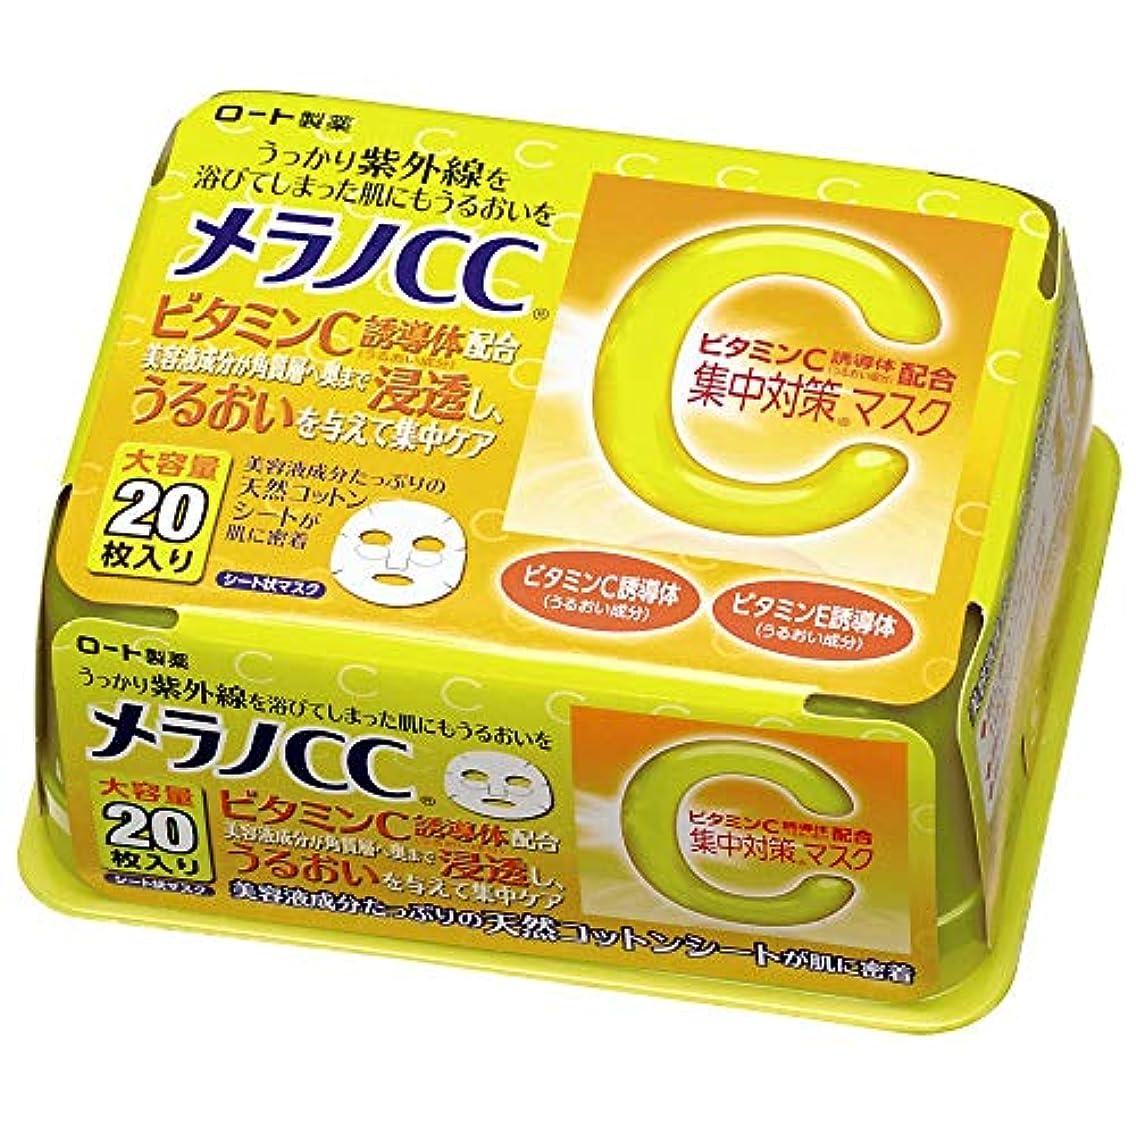 最初に狂人反逆者メラノCC ビタミンC配合 紫外線集中対策浸透 マスク 20枚 195mL